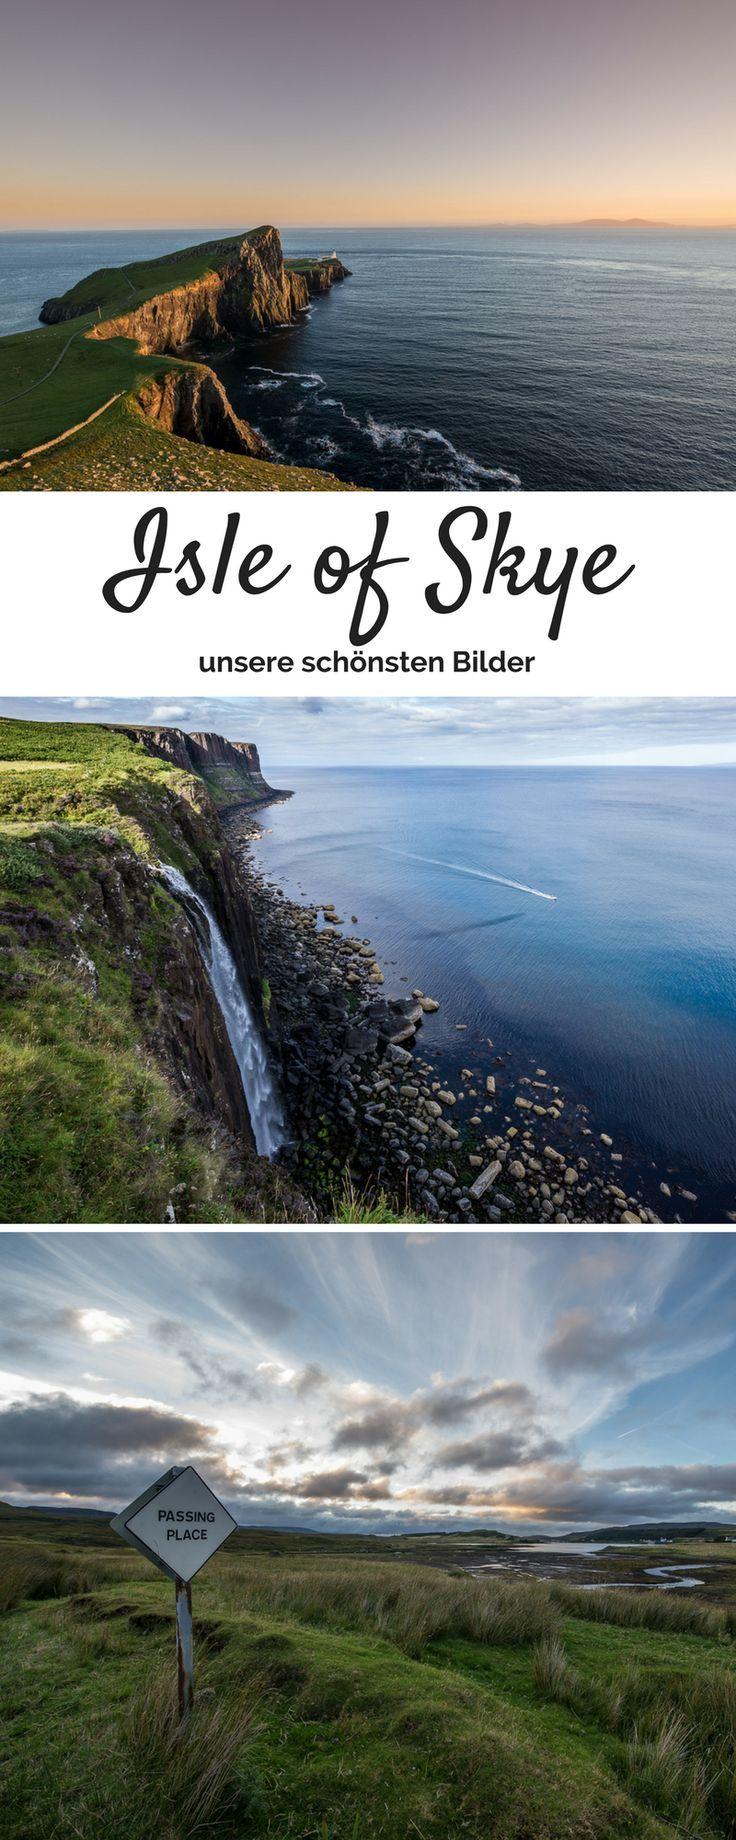 Unsere schönsten Isle of Skye Bilder - Reiseblog Travelography.de #travelscotland